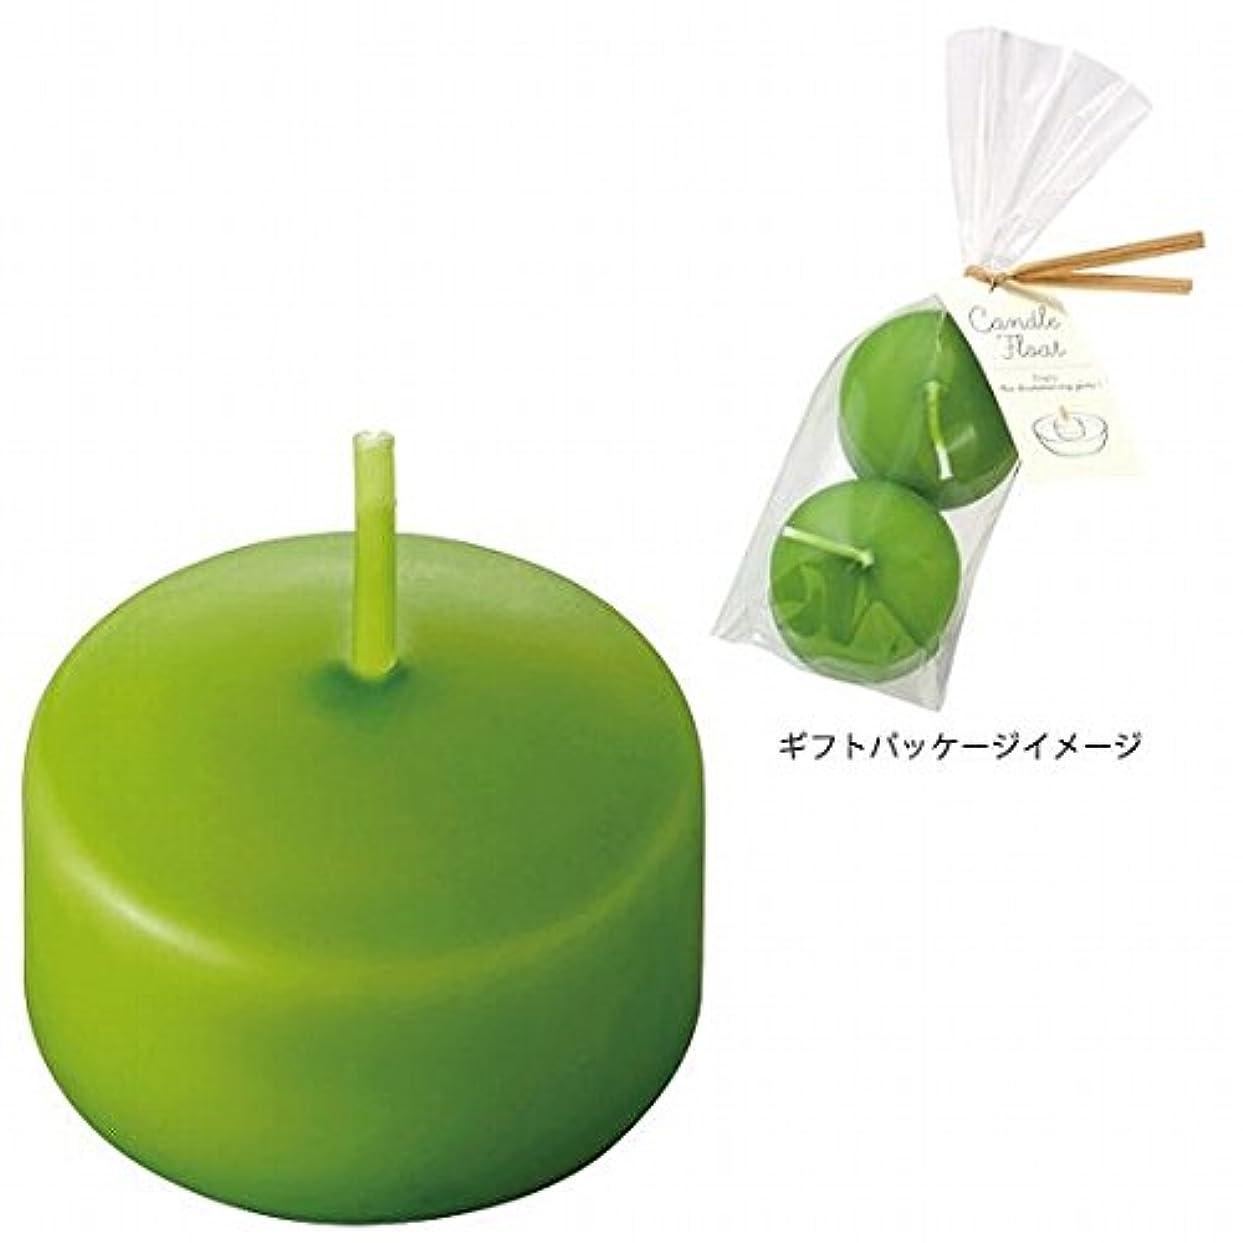 届けるネズミリットルカメヤマキャンドル(kameyama candle) ハッピープール(2個入り) キャンドル 「オリーブ」